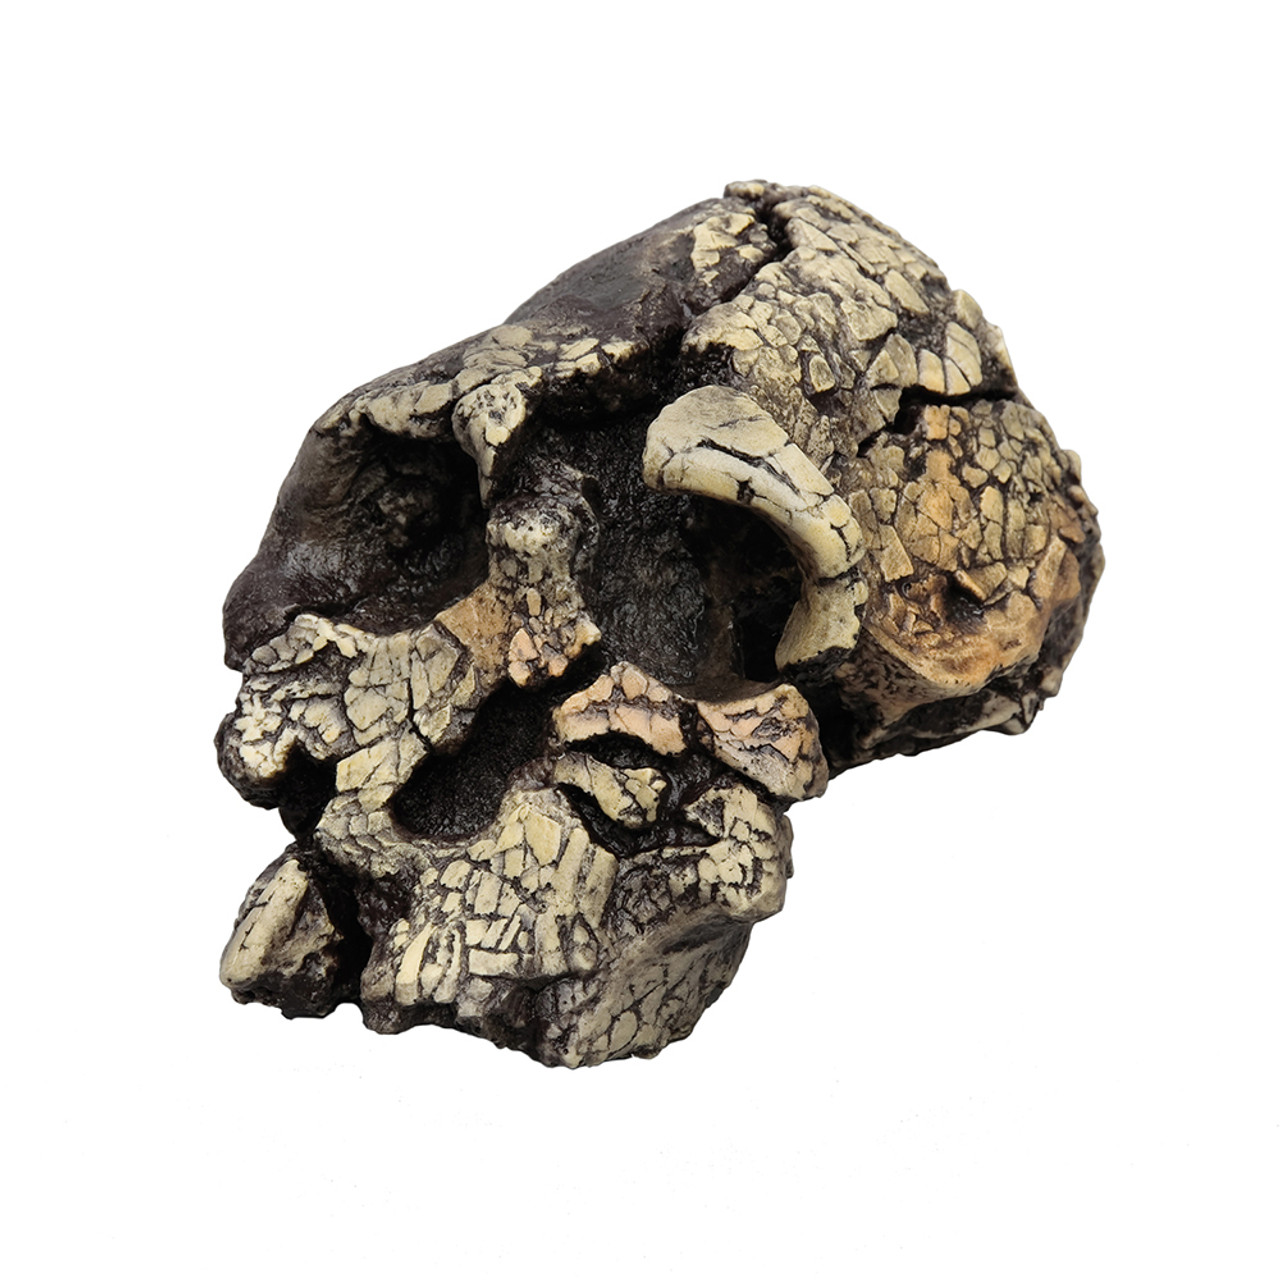 Kenyanthropus platyops, KNM-WT 40000